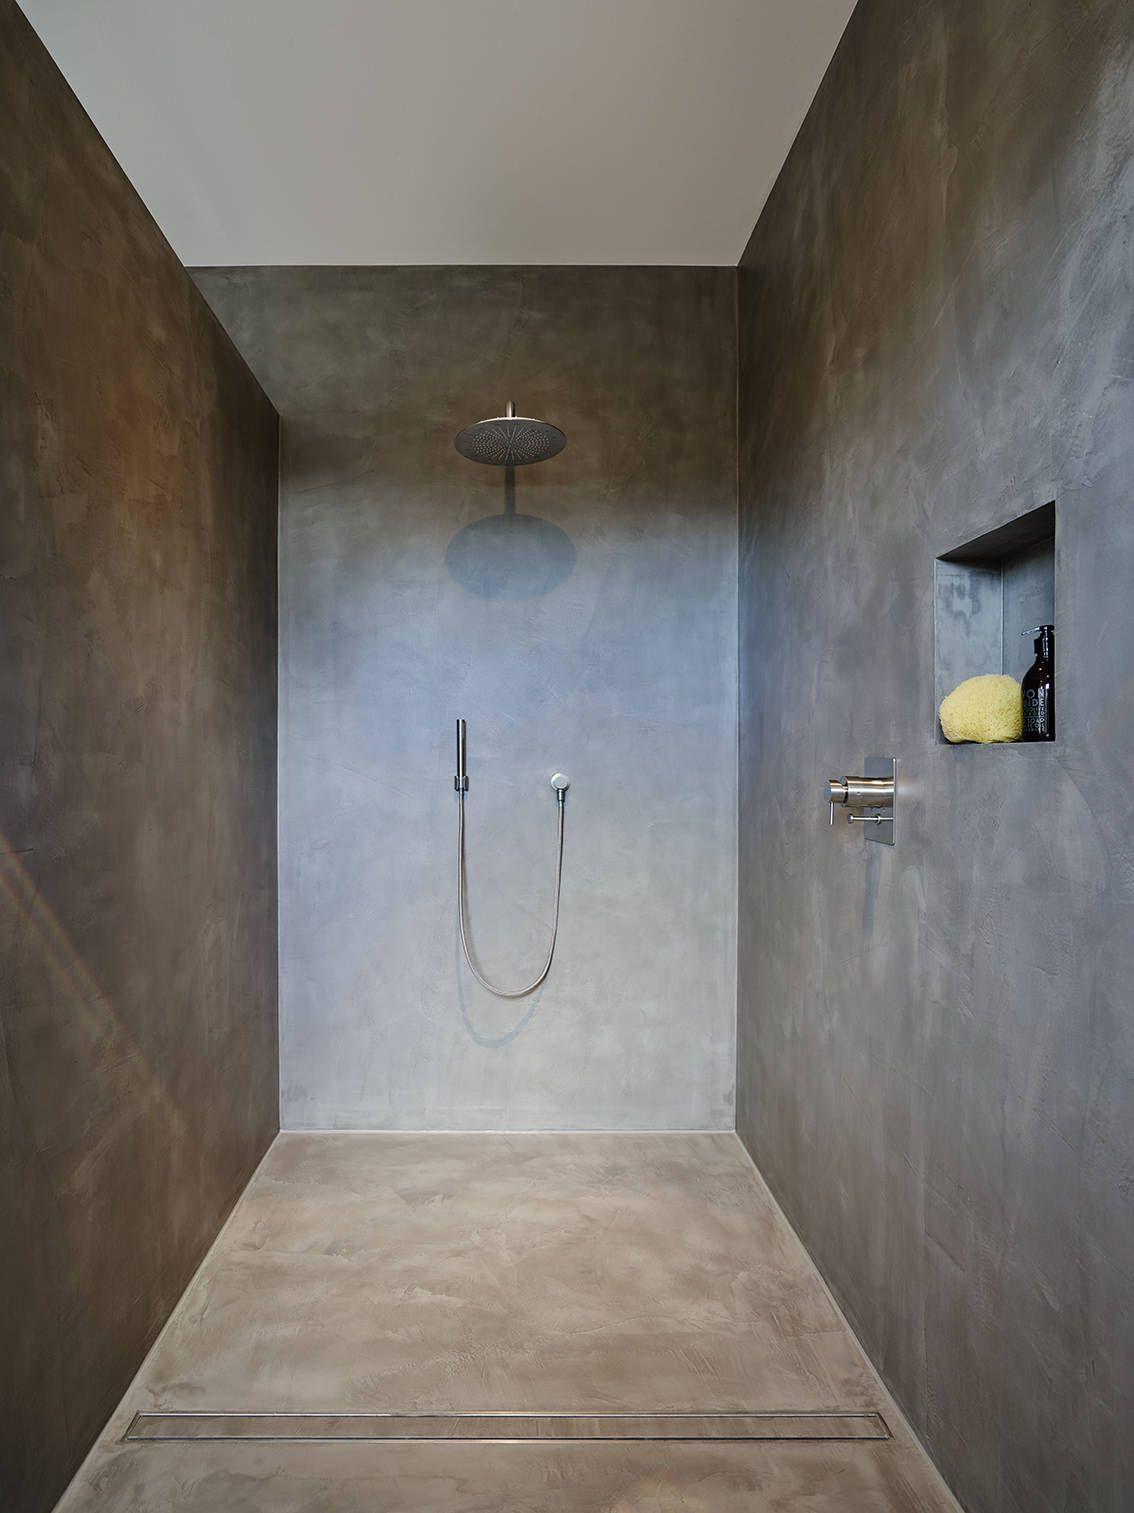 Penthouse Moderne Badezimmer Von Honeyandspice Innenarchitektur Design Modern Homify Badezimmer Innenausstattung Badezimmer Design Kleines Bad Dekorieren